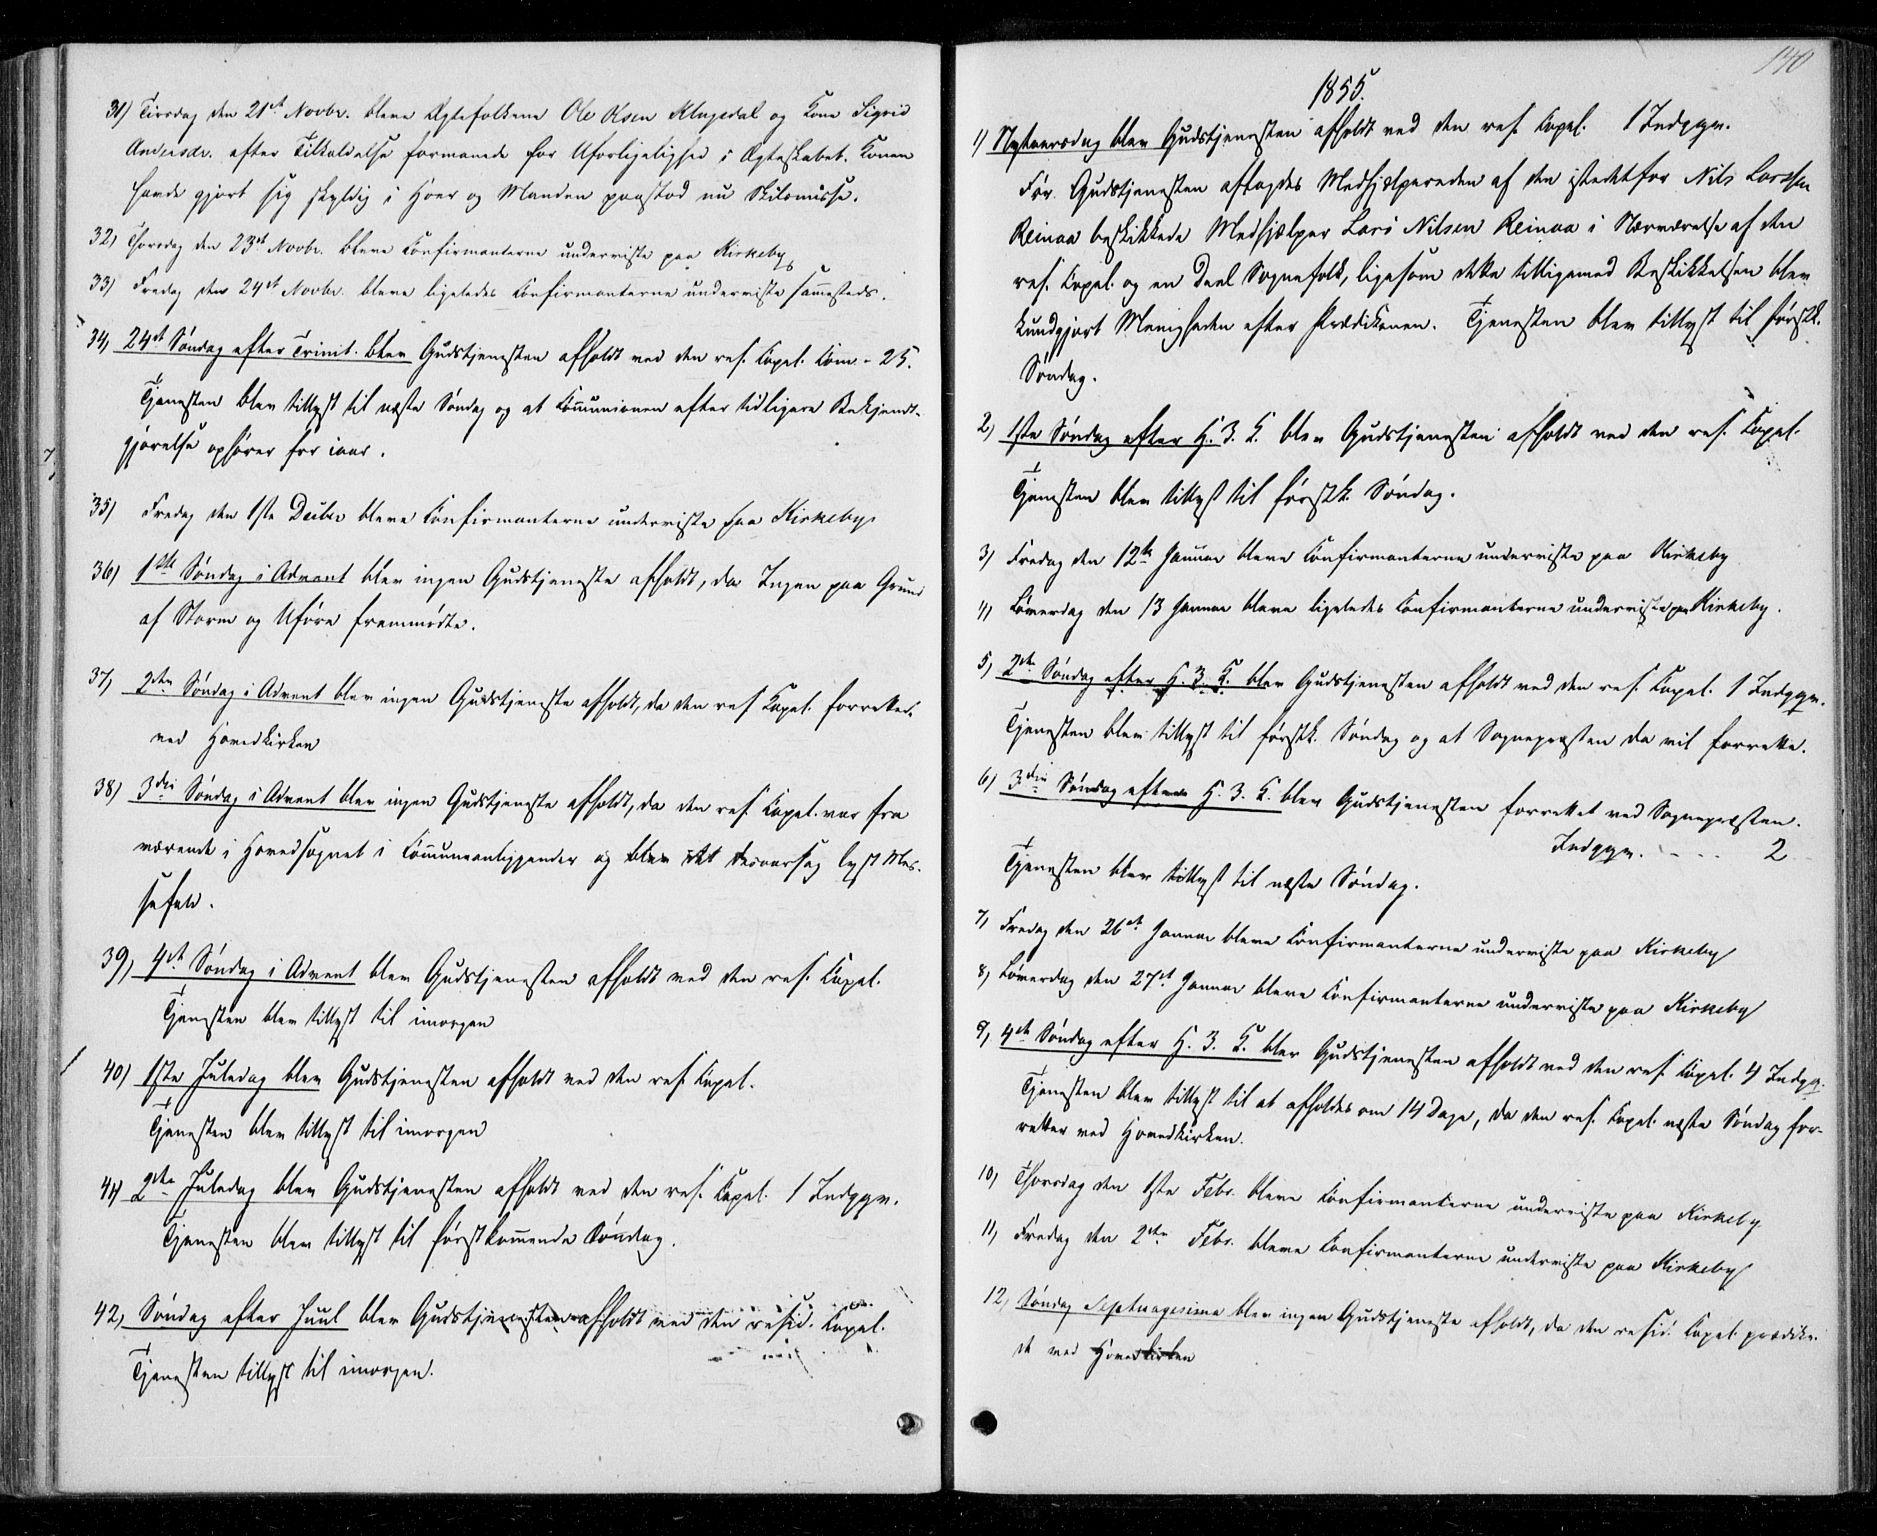 SAT, Ministerialprotokoller, klokkerbøker og fødselsregistre - Nord-Trøndelag, 706/L0040: Parish register (official) no. 706A01, 1850-1861, p. 140